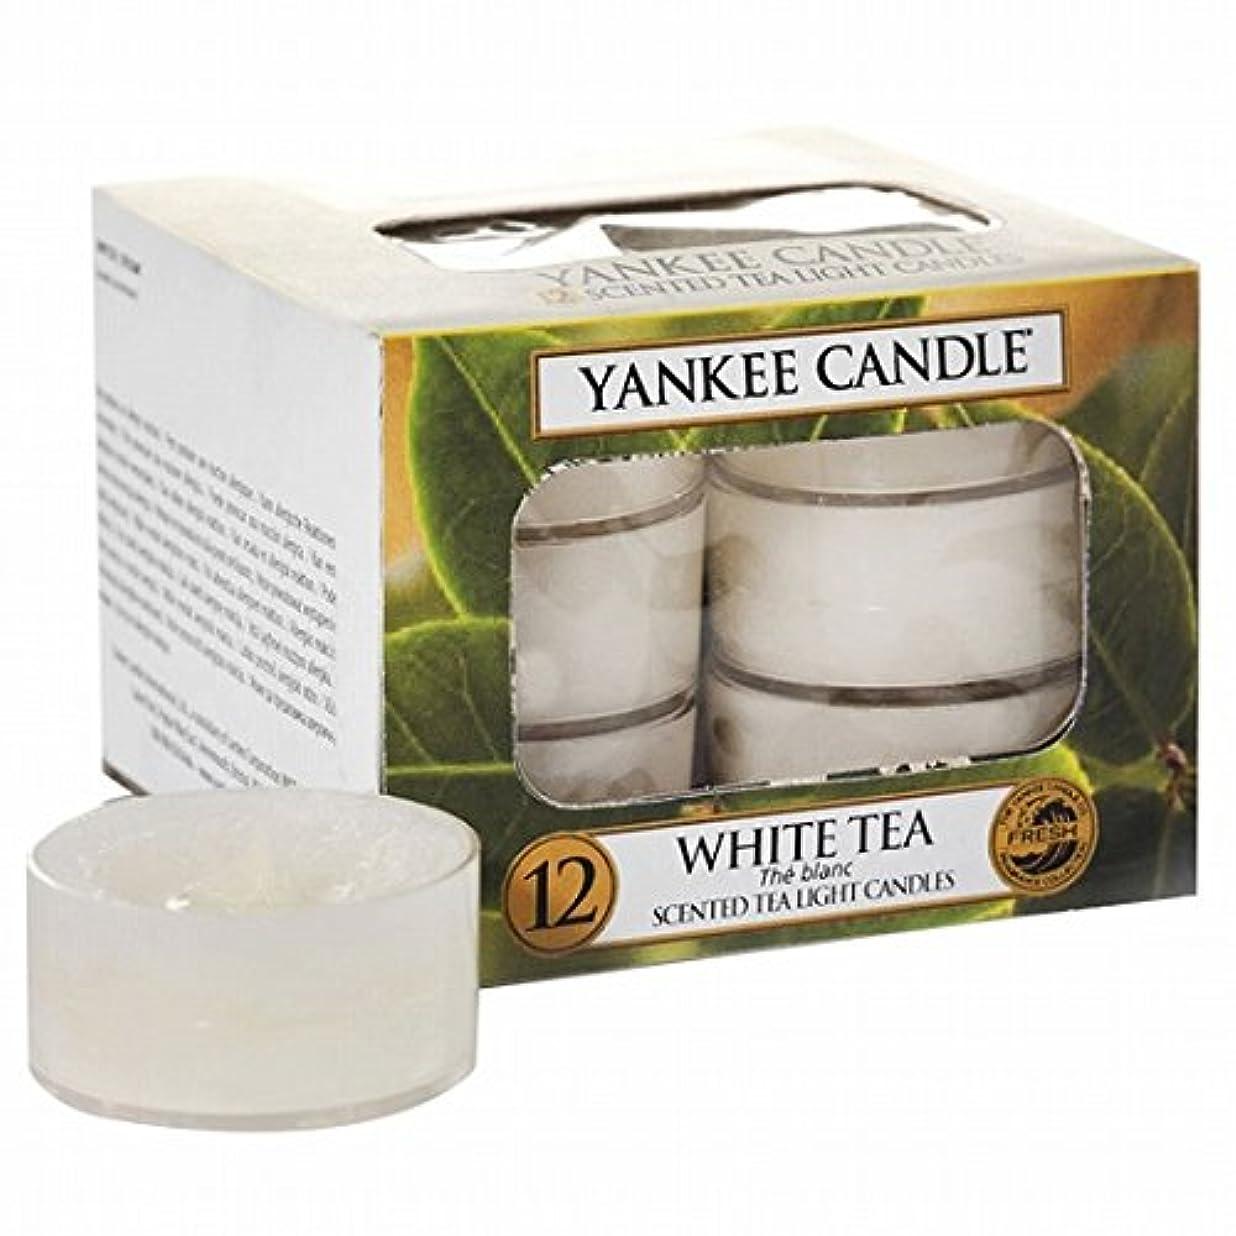 セージ個性正確にYANKEE CANDLE(ヤンキーキャンドル) YANKEE CANDLE クリアカップティーライト12個入り 「ホワイトティー」(K00505277)